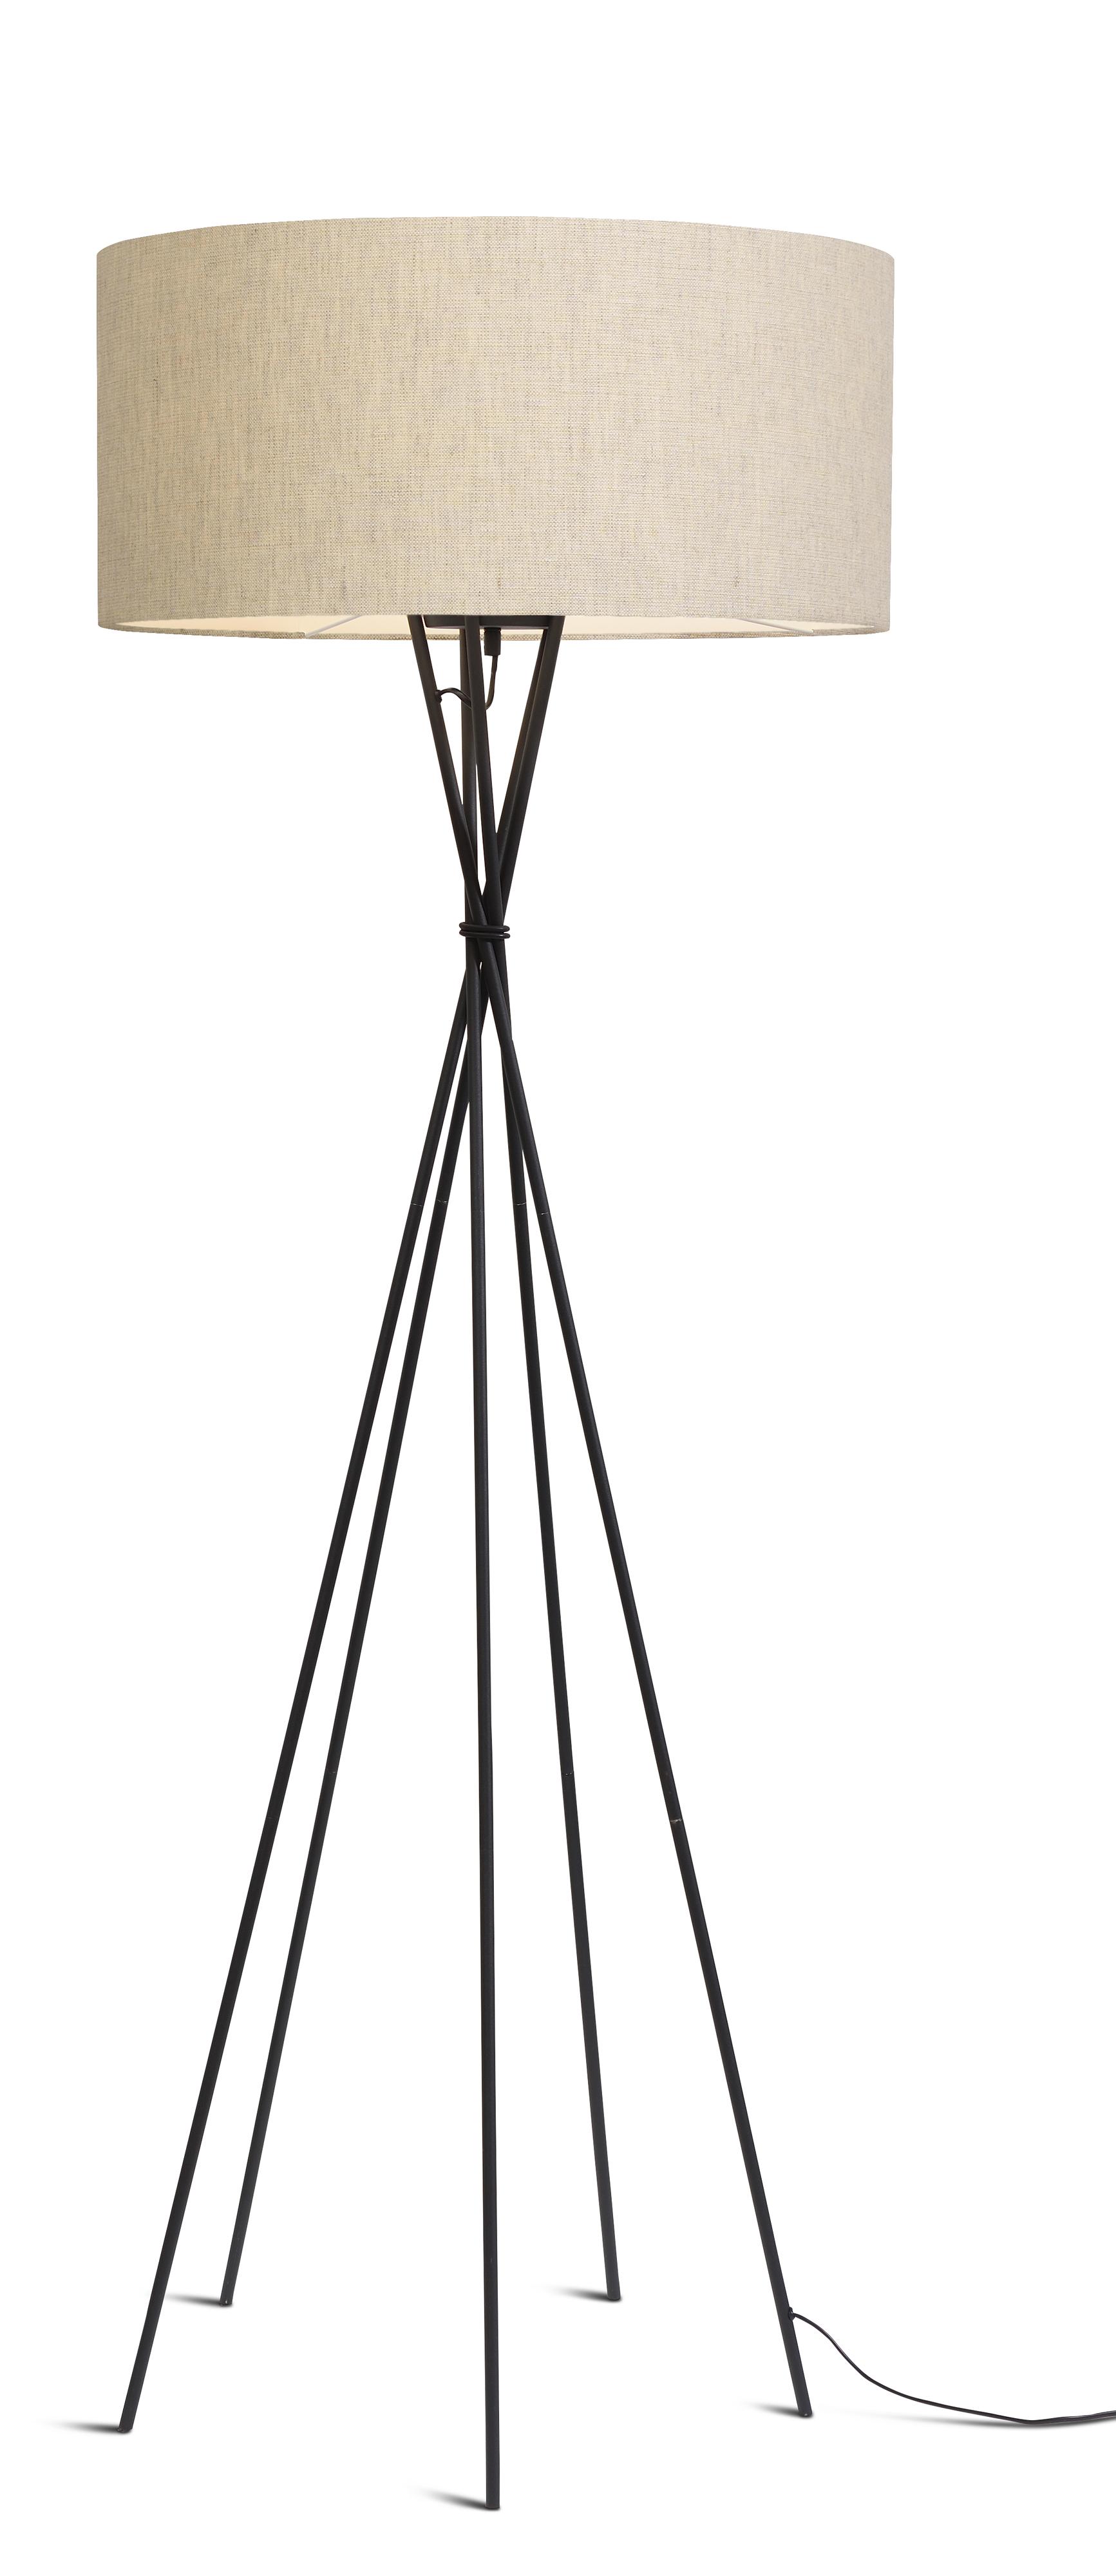 maison du monde Lampadaire avec pieds noirs et abat-jour H175cm